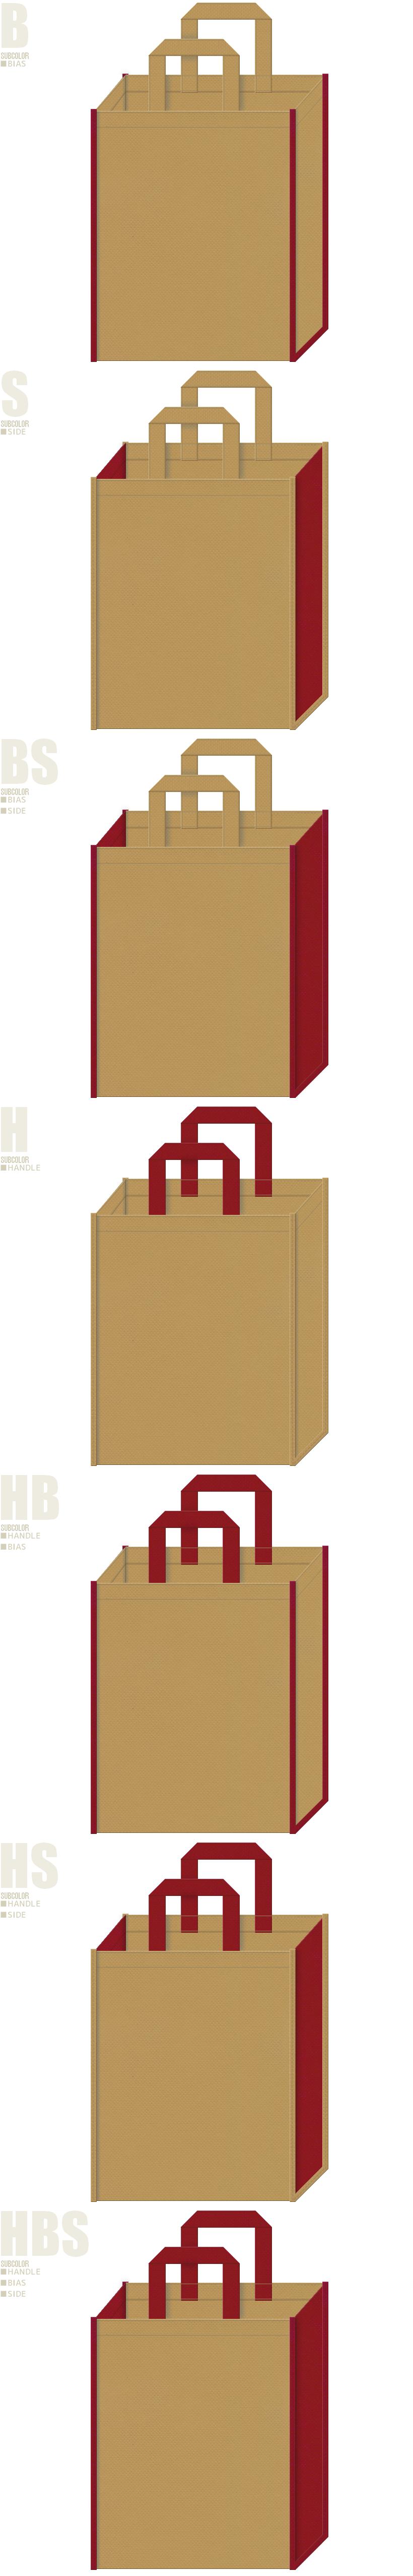 かつおだし・醤油・せんべい・和菓子・和風催事・襖・障子・画材・額縁の展示会用バッグにお奨めの不織布バッグデザイン:金黄土色とエンジ色の配色7パターン